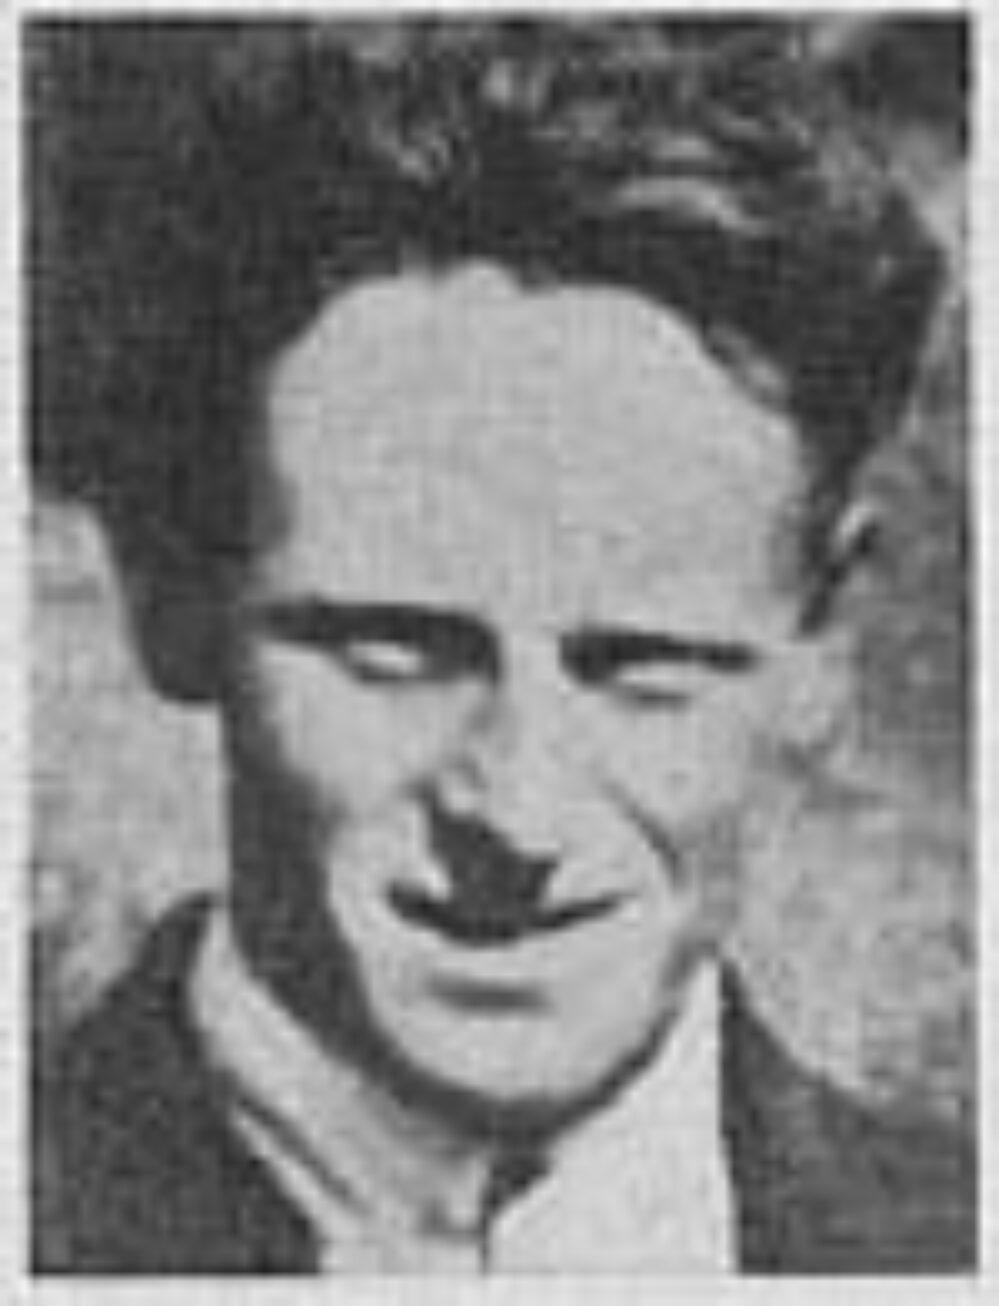 Jon N. Øksenvåg